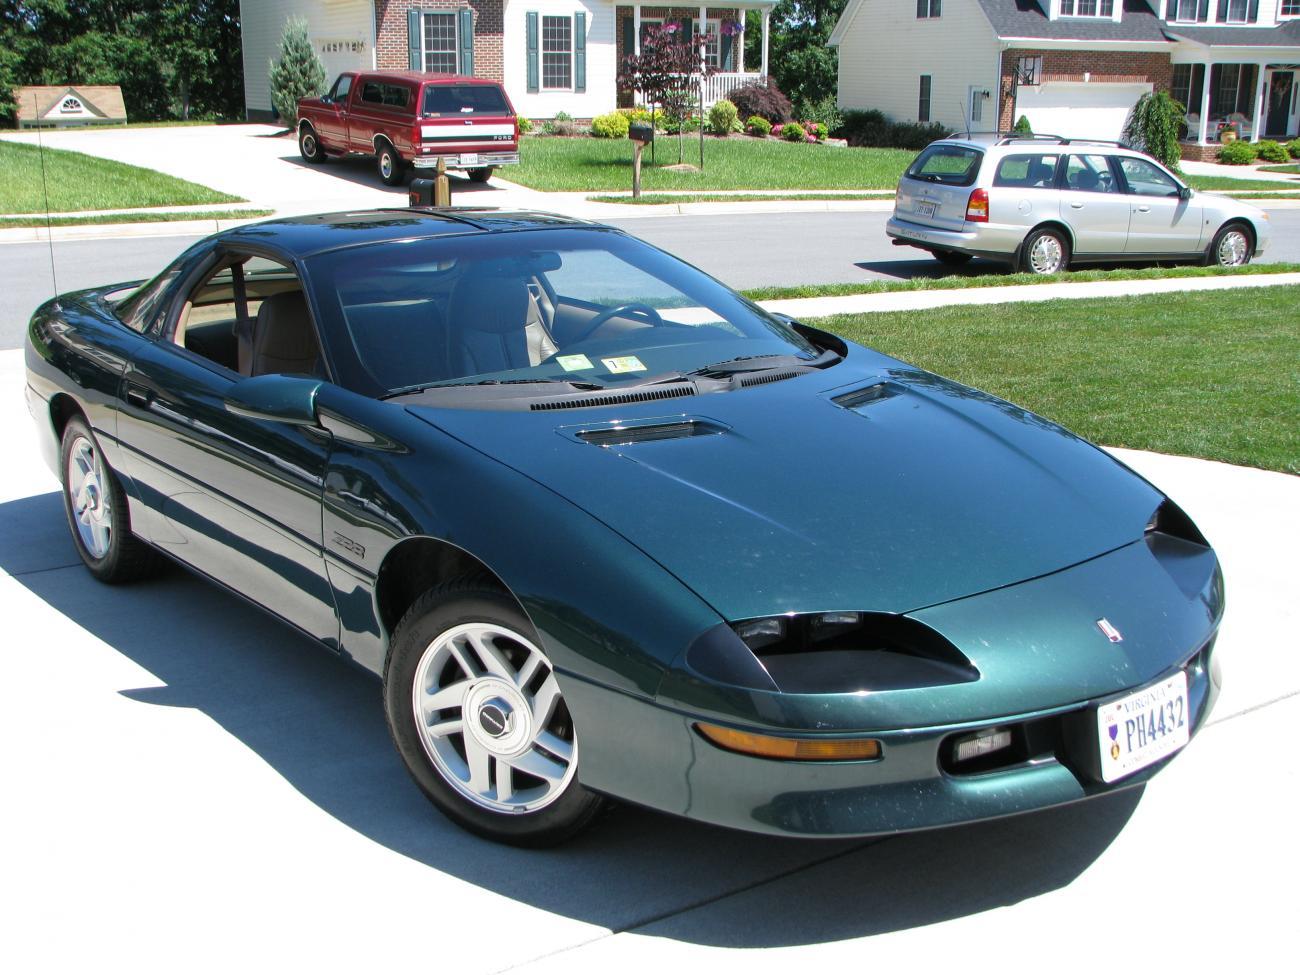 1995 camaro z28 for sale 6500 camaro5 chevy camaro. Black Bedroom Furniture Sets. Home Design Ideas